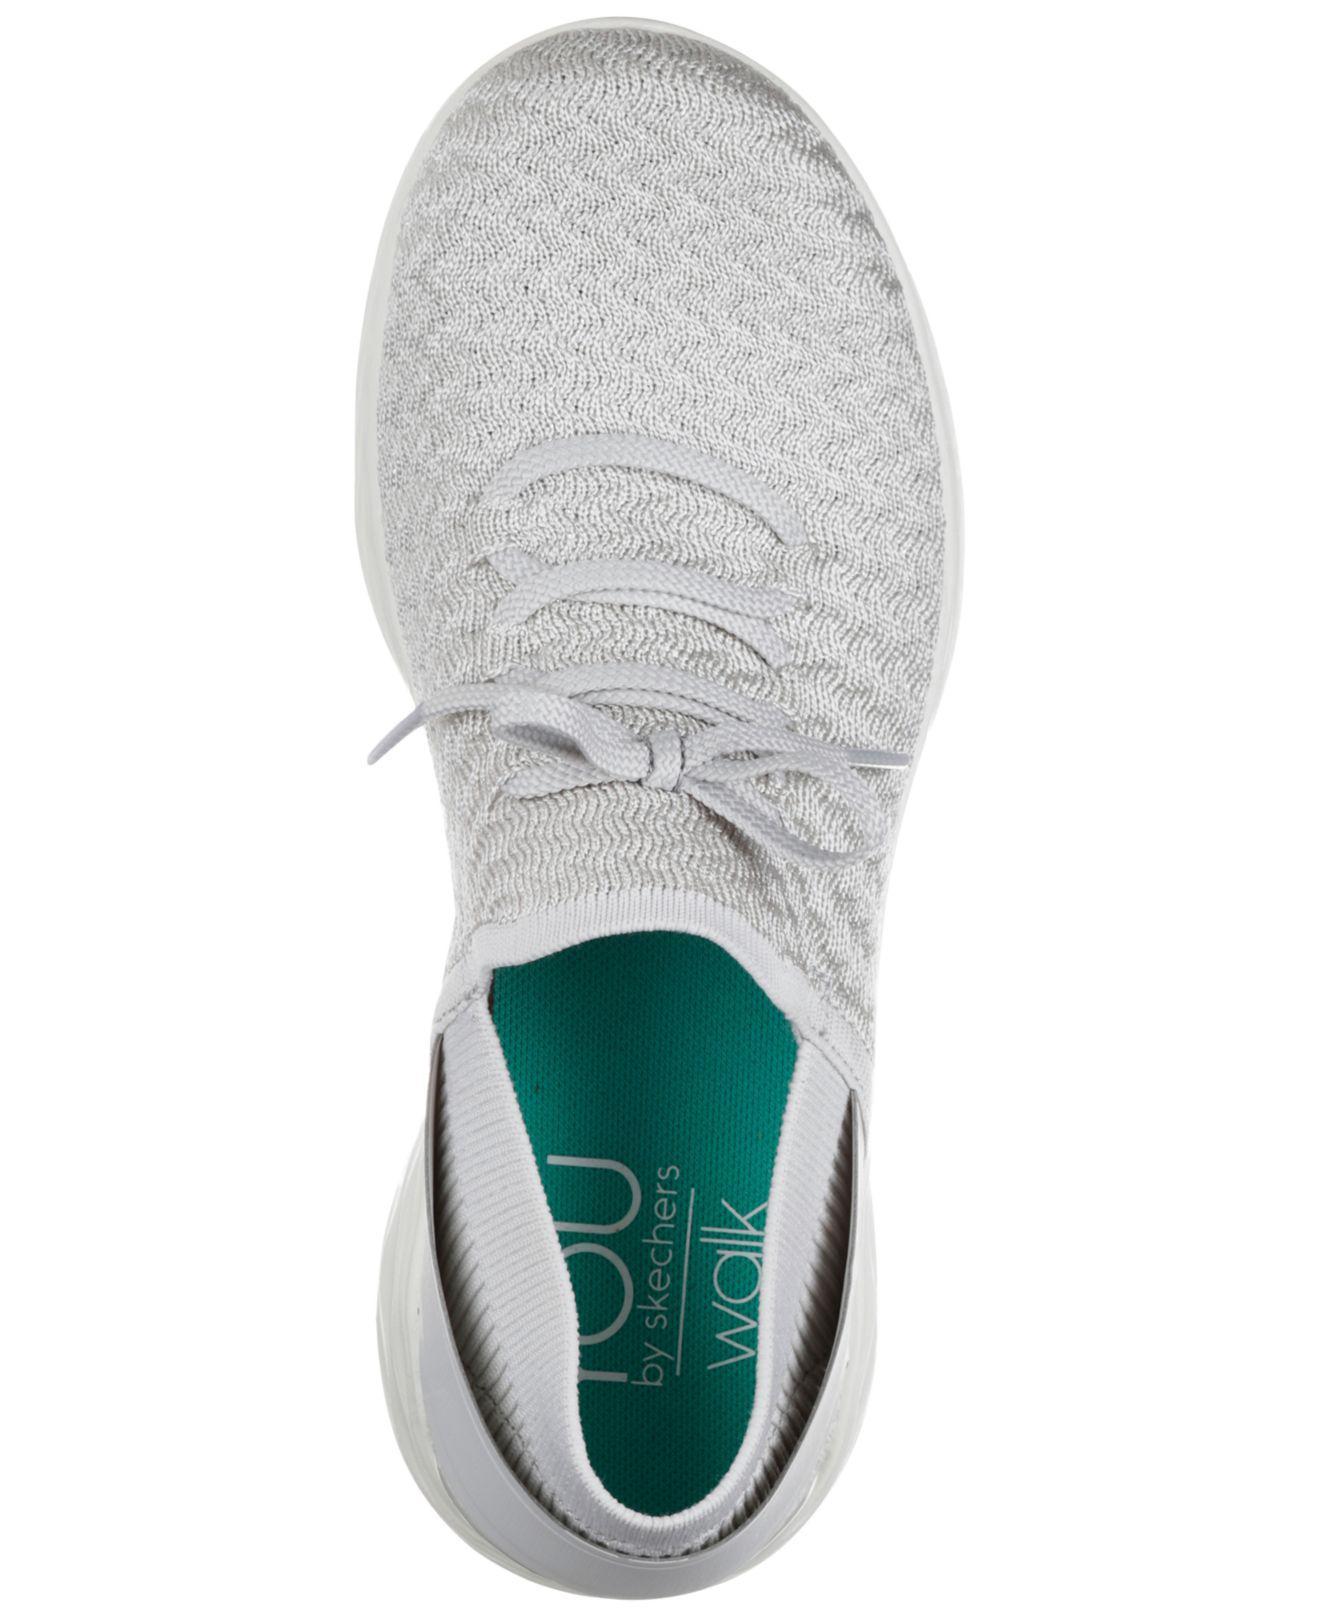 Skechers Beginning Sneaker in Silver